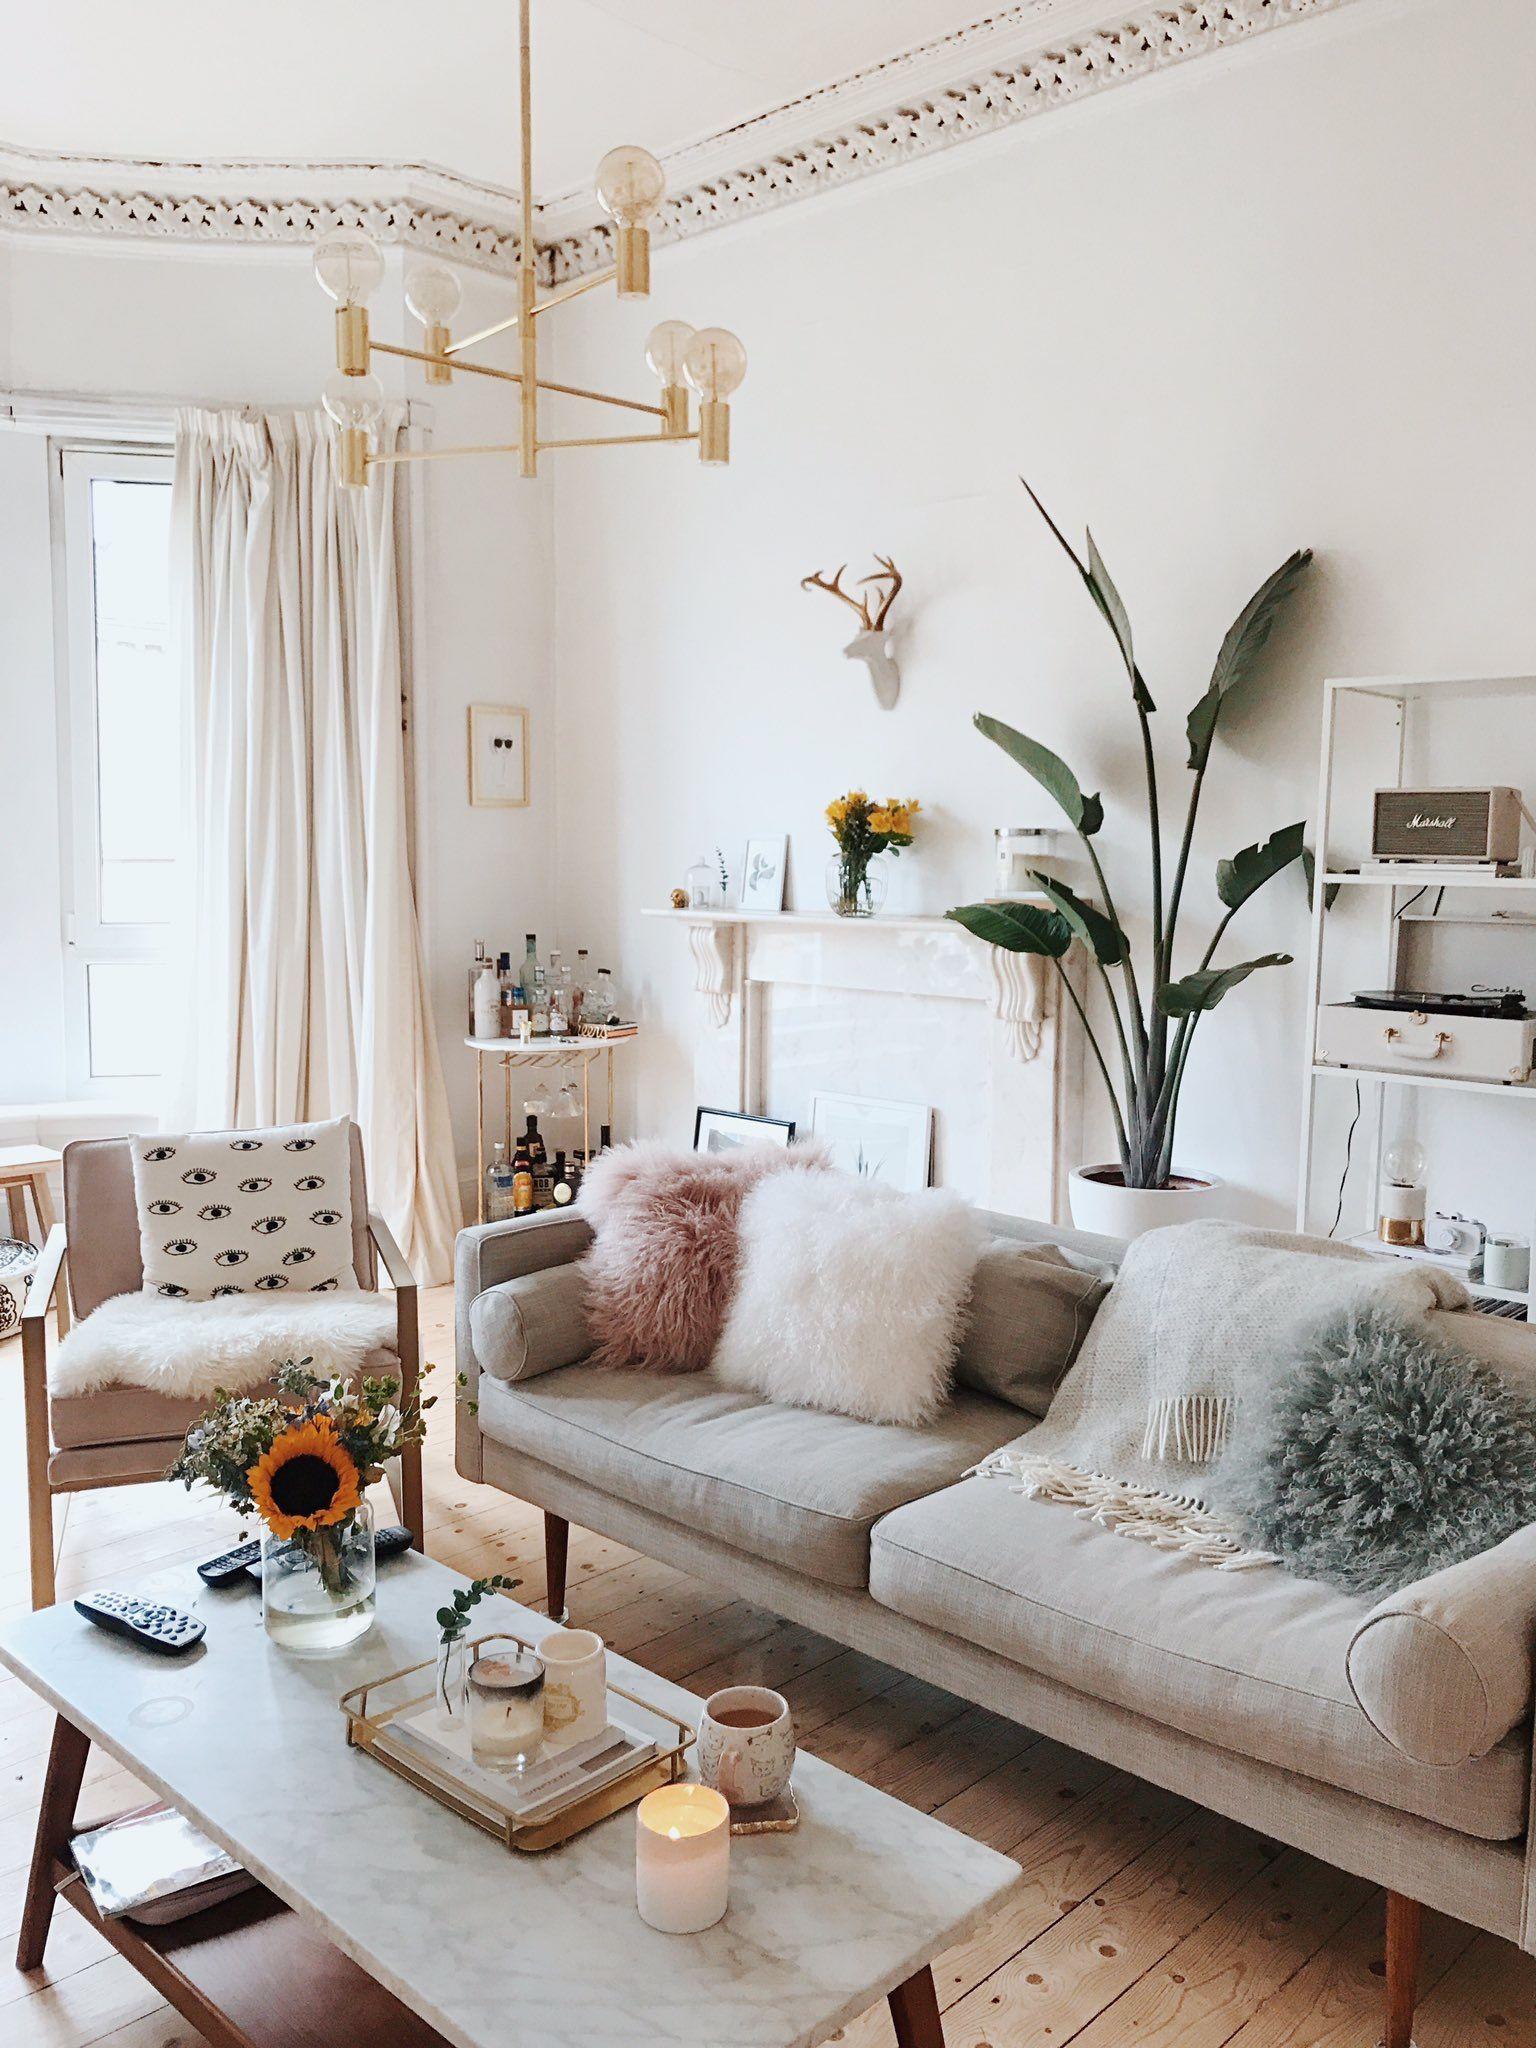 Neutral Colors And Fluffy Pillows So Serene Homedecor Inspiration Neutrallivingroom Living Room Color Living Room Colors Minimalist Living Room